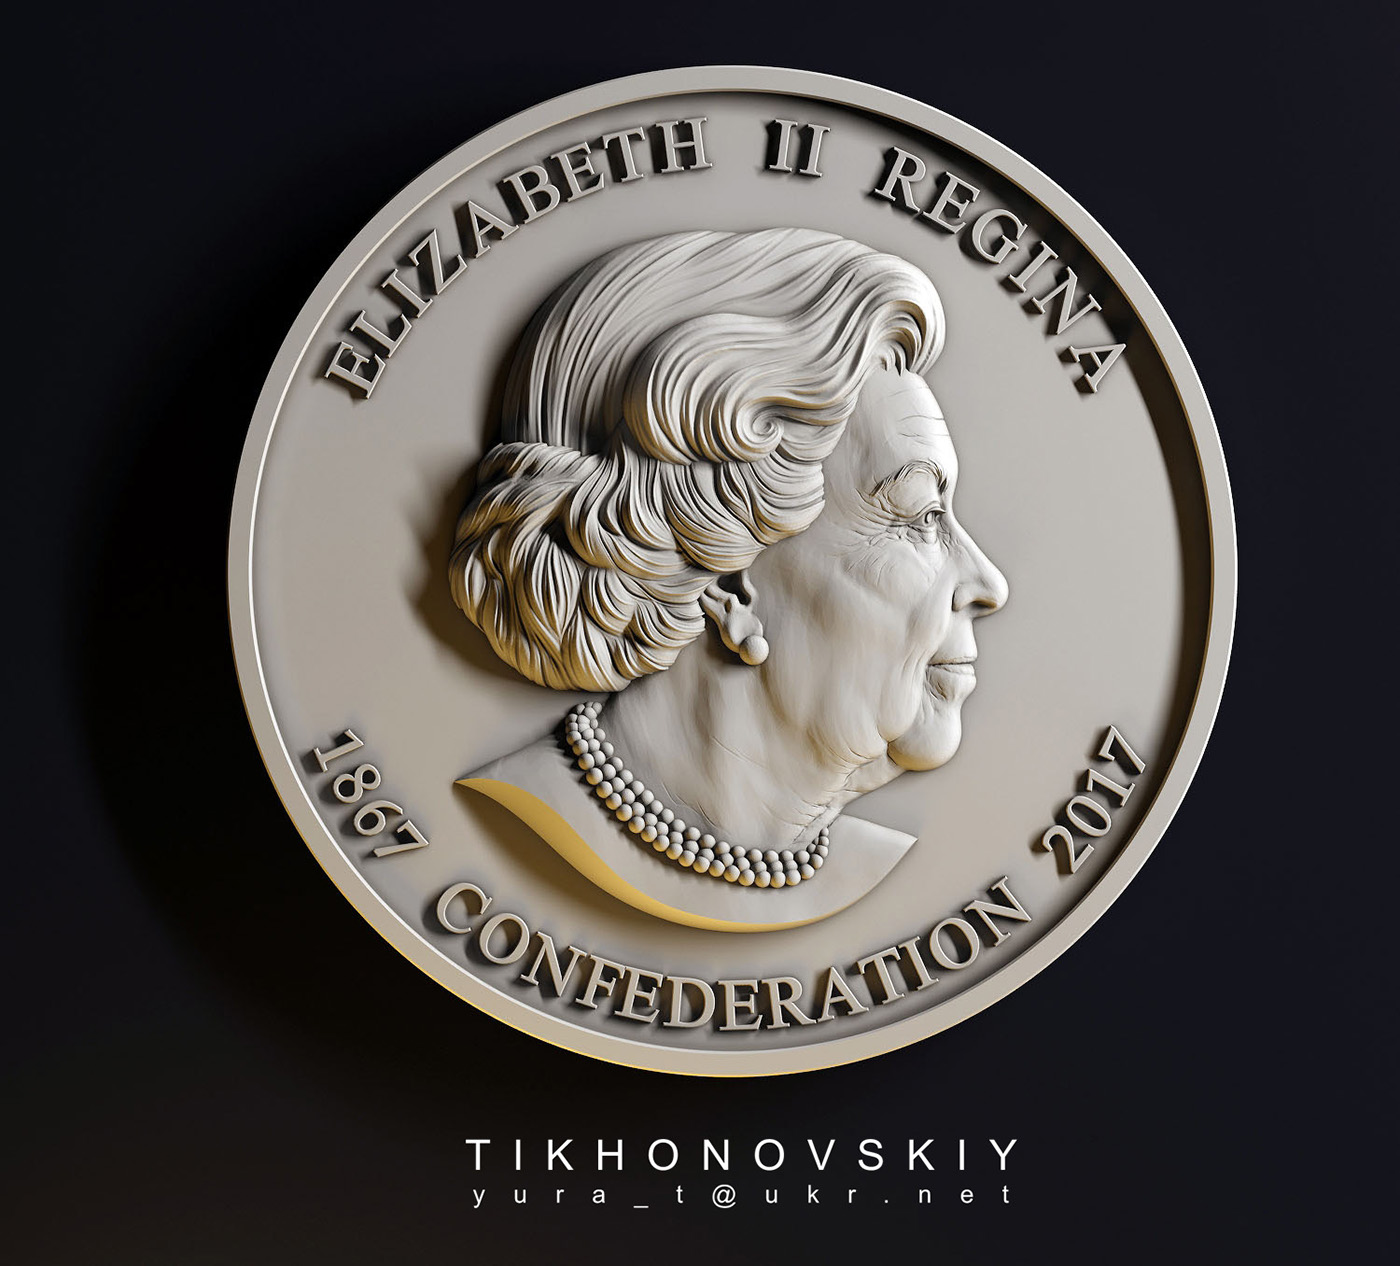 Modell einer Münze